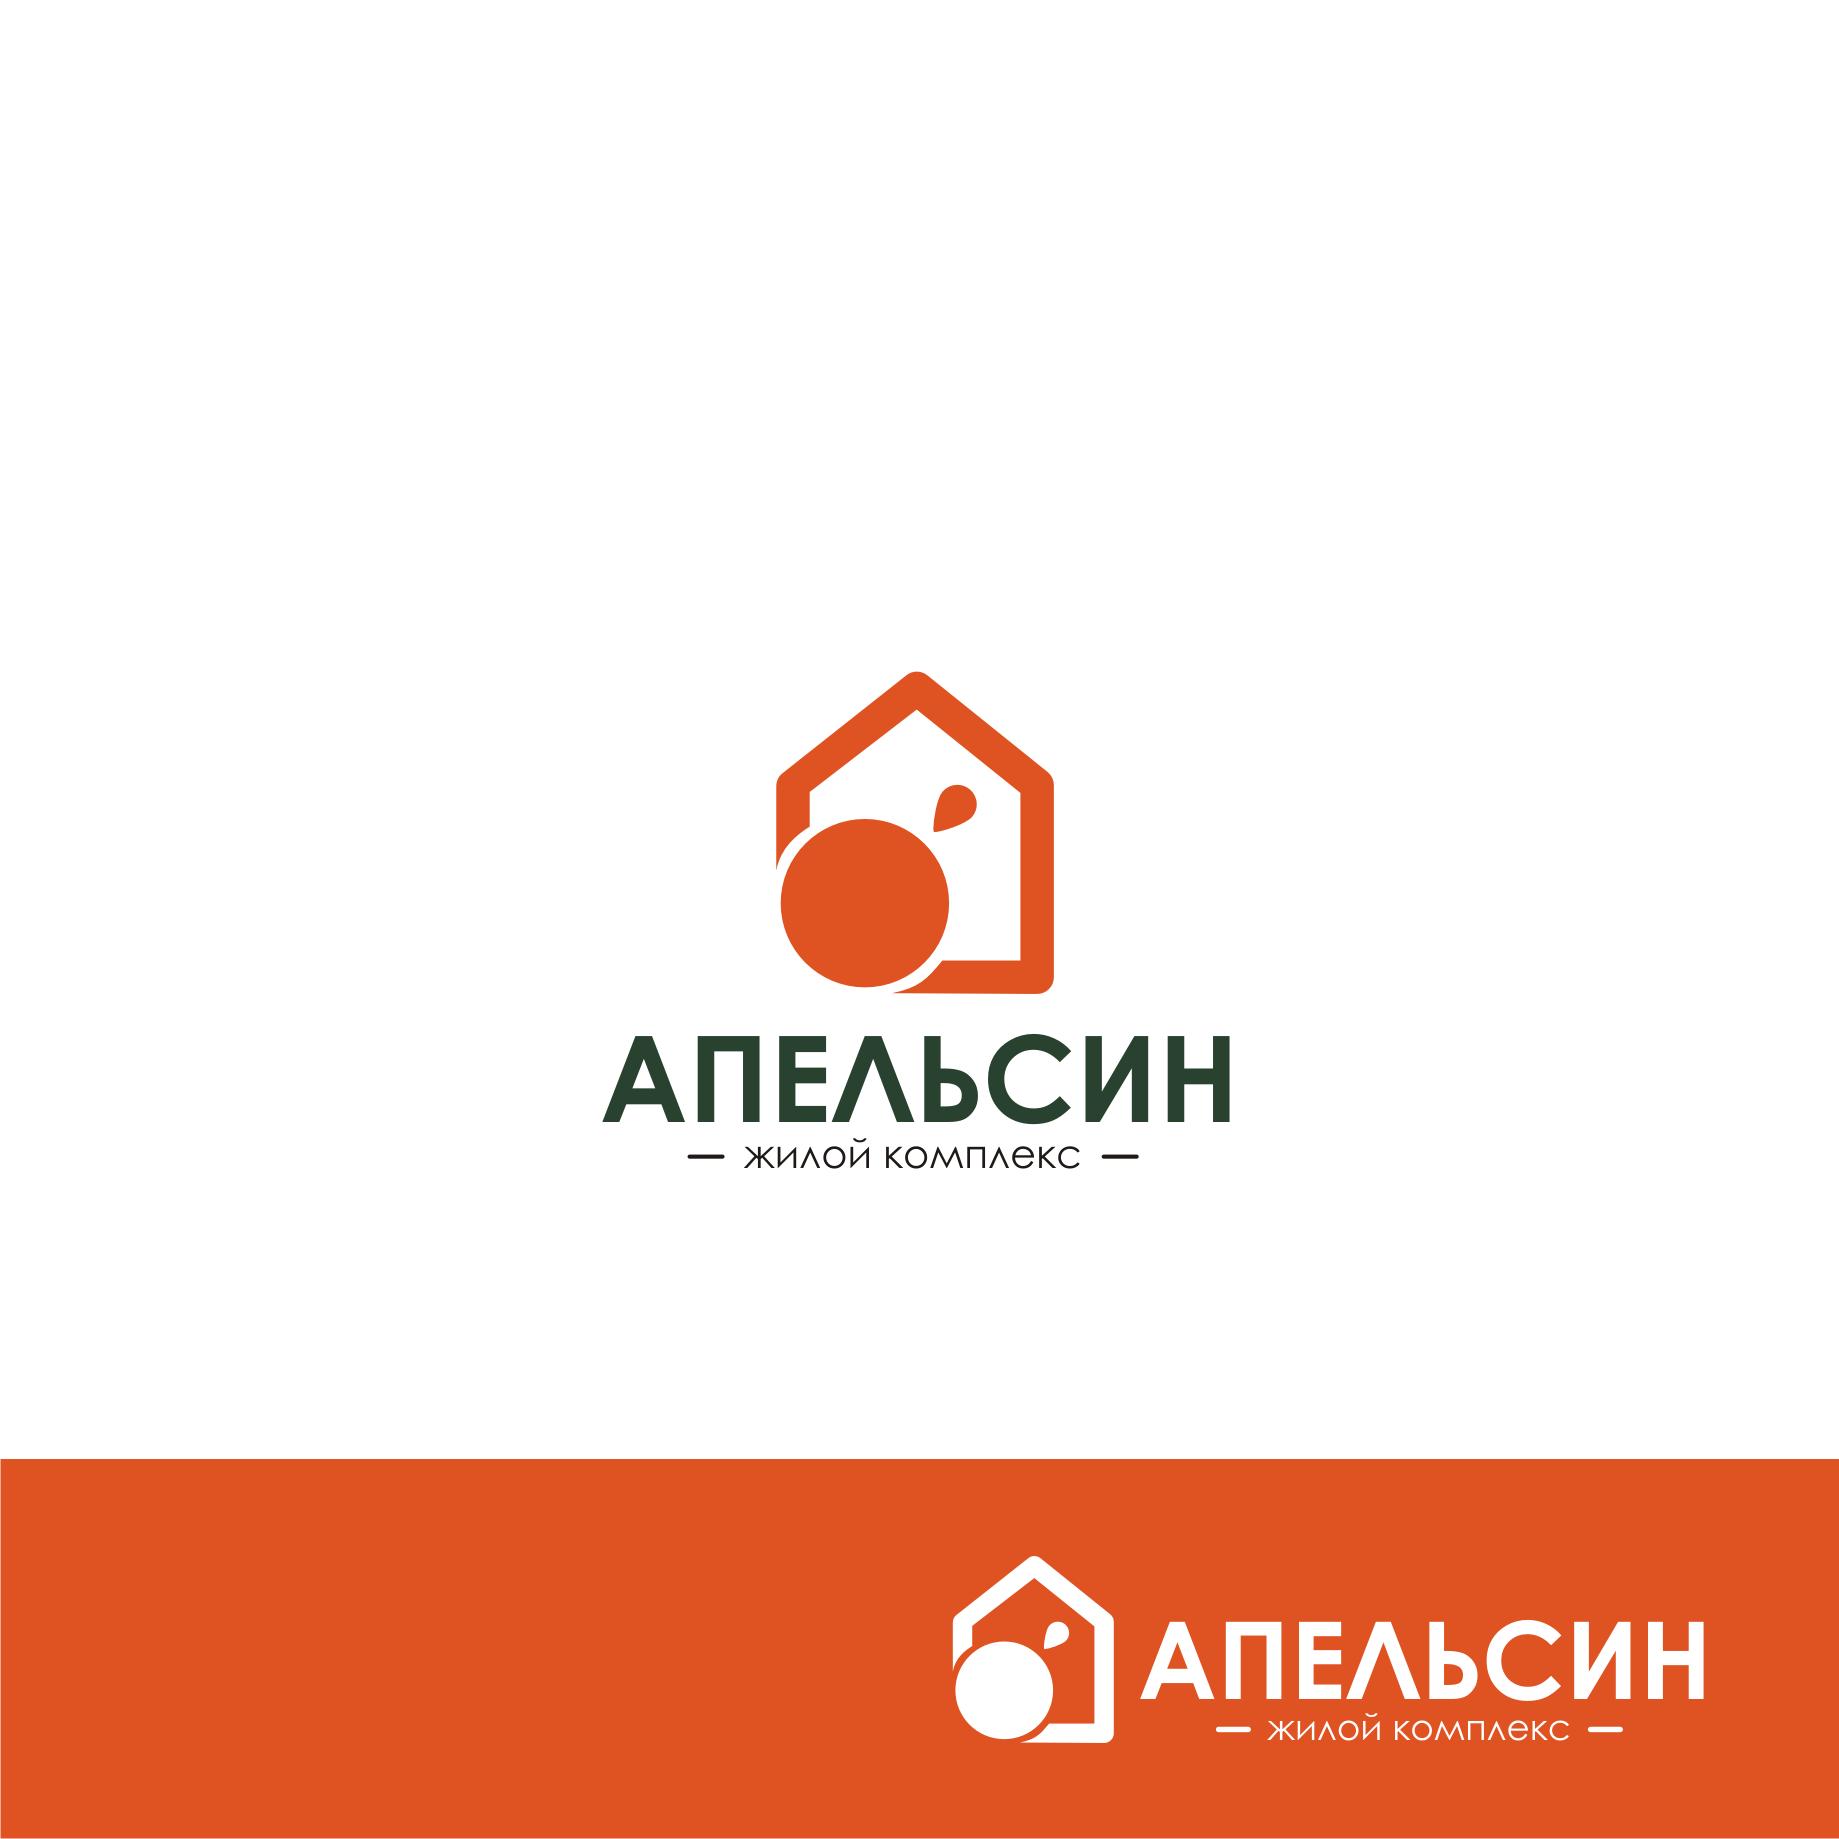 Логотип и фирменный стиль фото f_0675a66f012cdbef.png